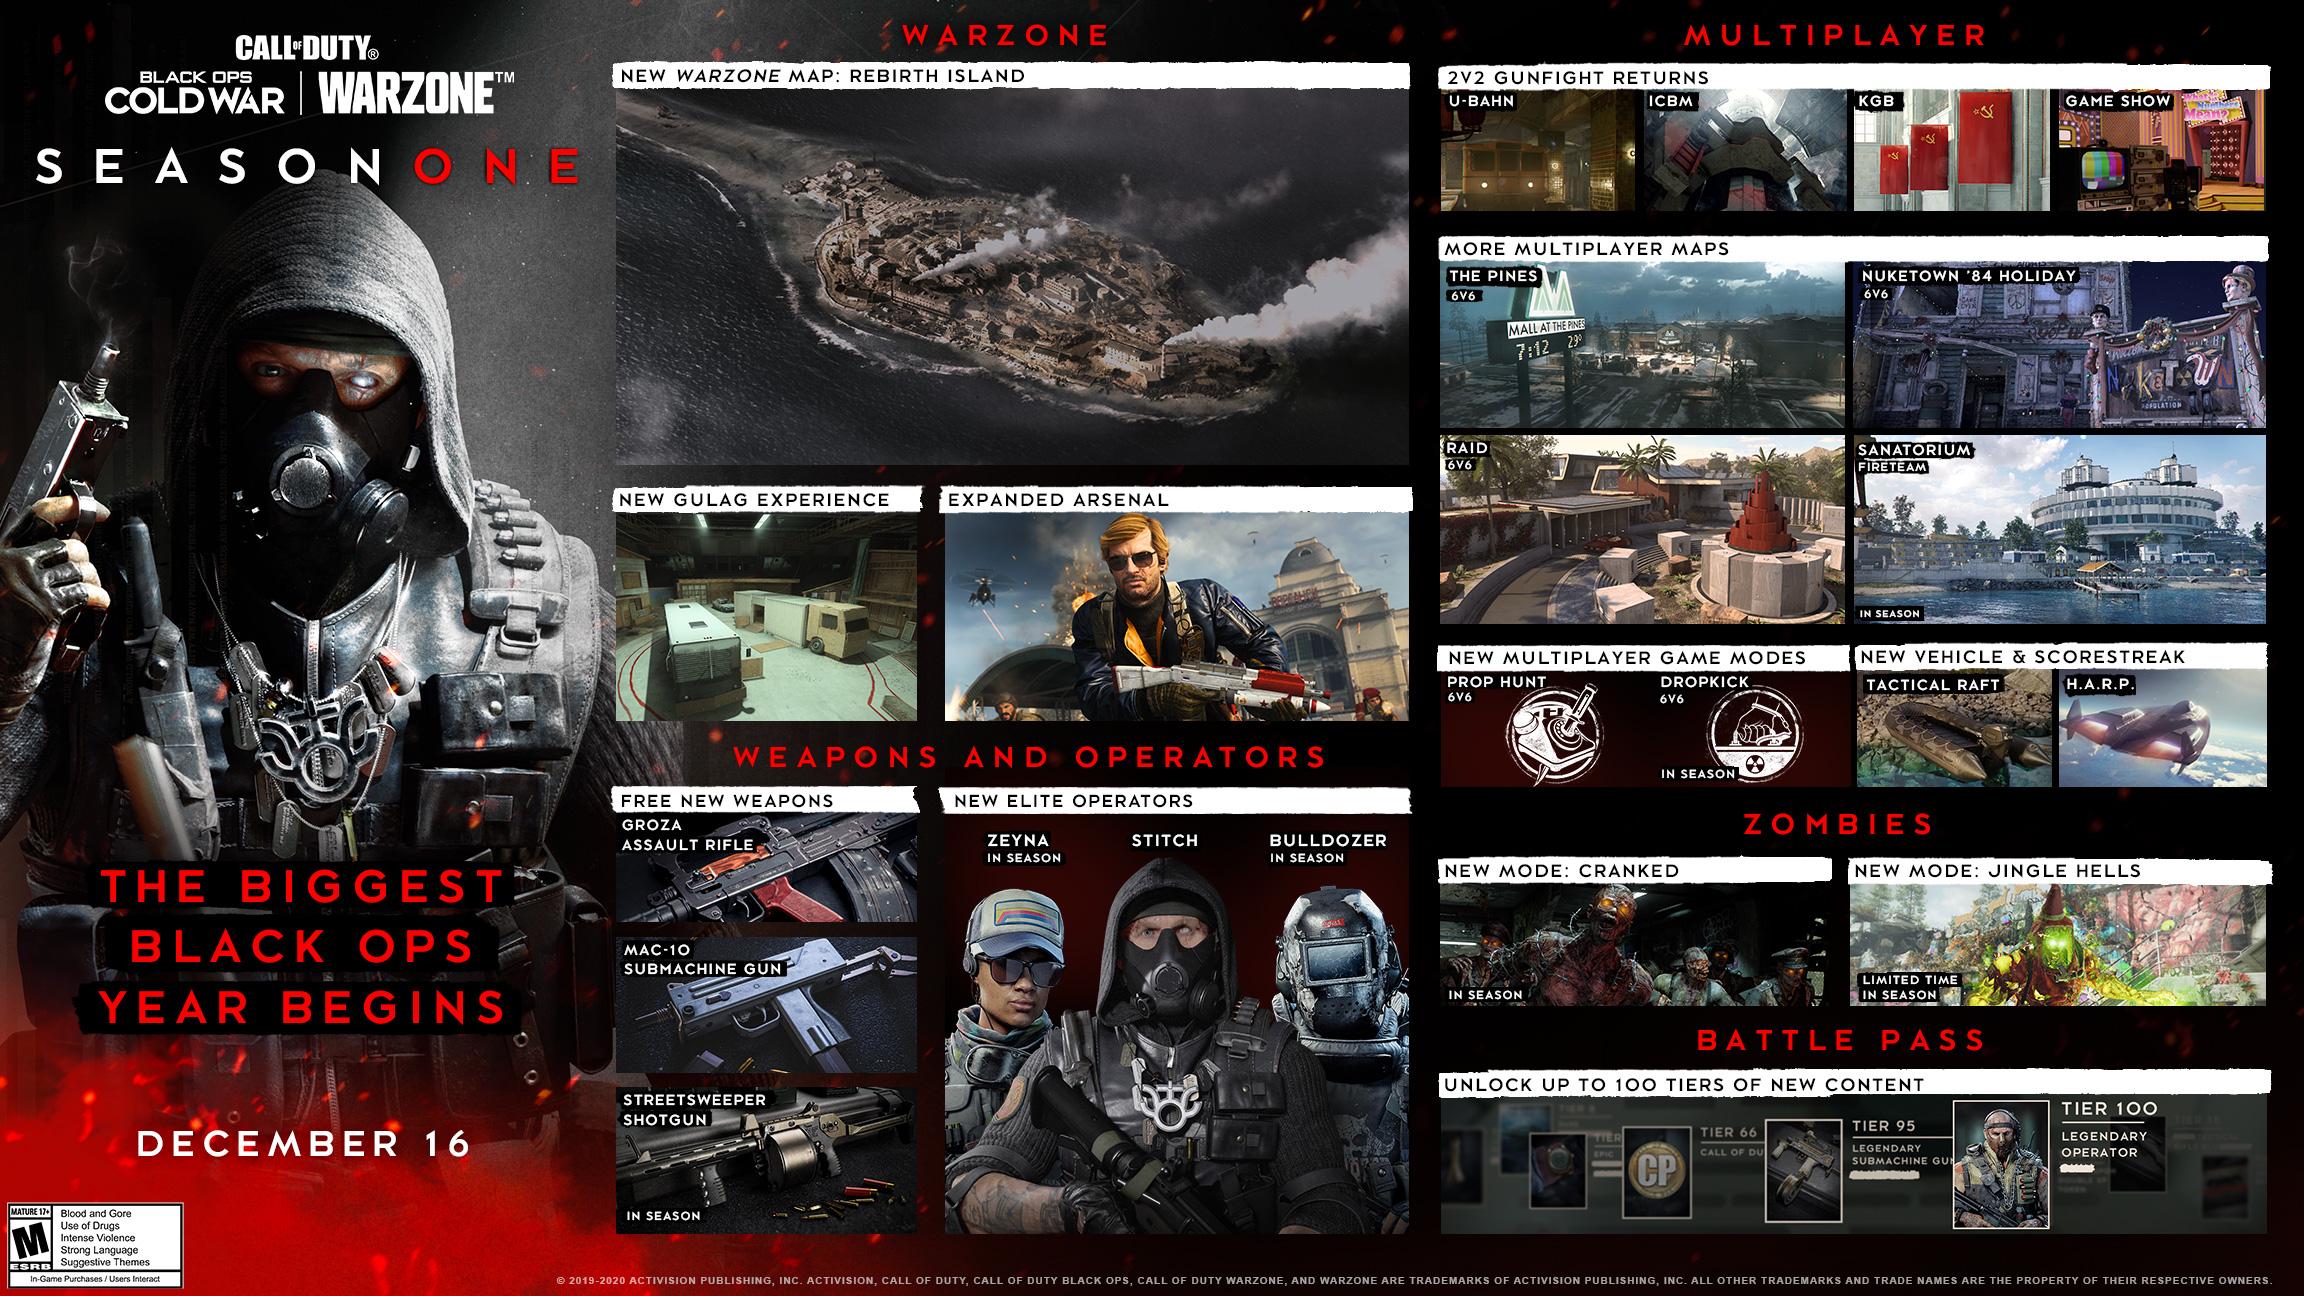 Warzone compte plus de 85 millions de joueurs — Call of Duty